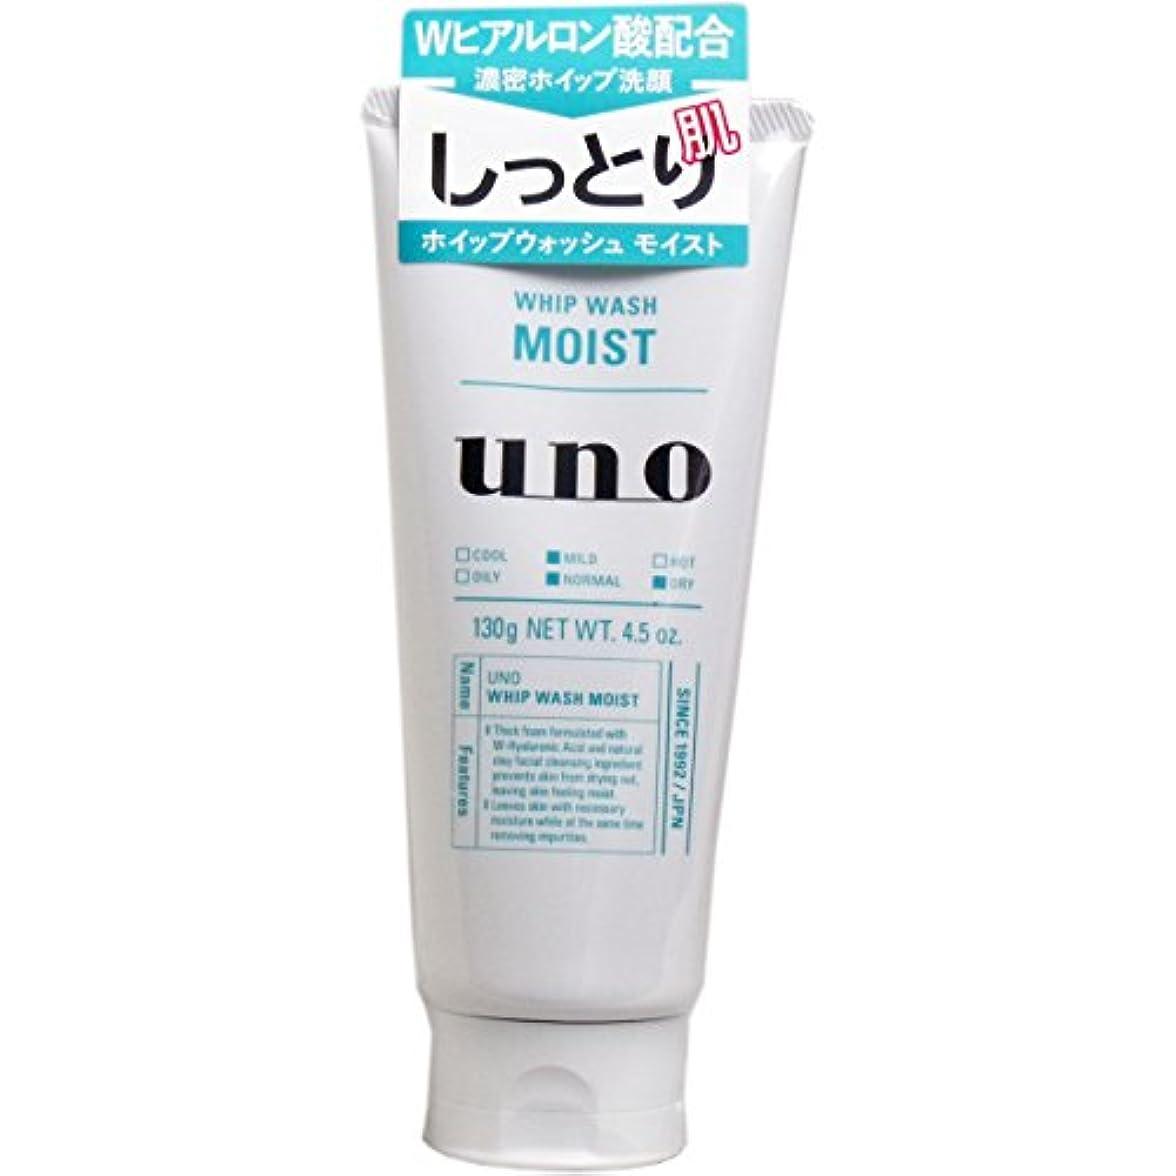 【資生堂】ウーノ(uno) ホイップウォッシュ (モイスト) 130g ×5個セット